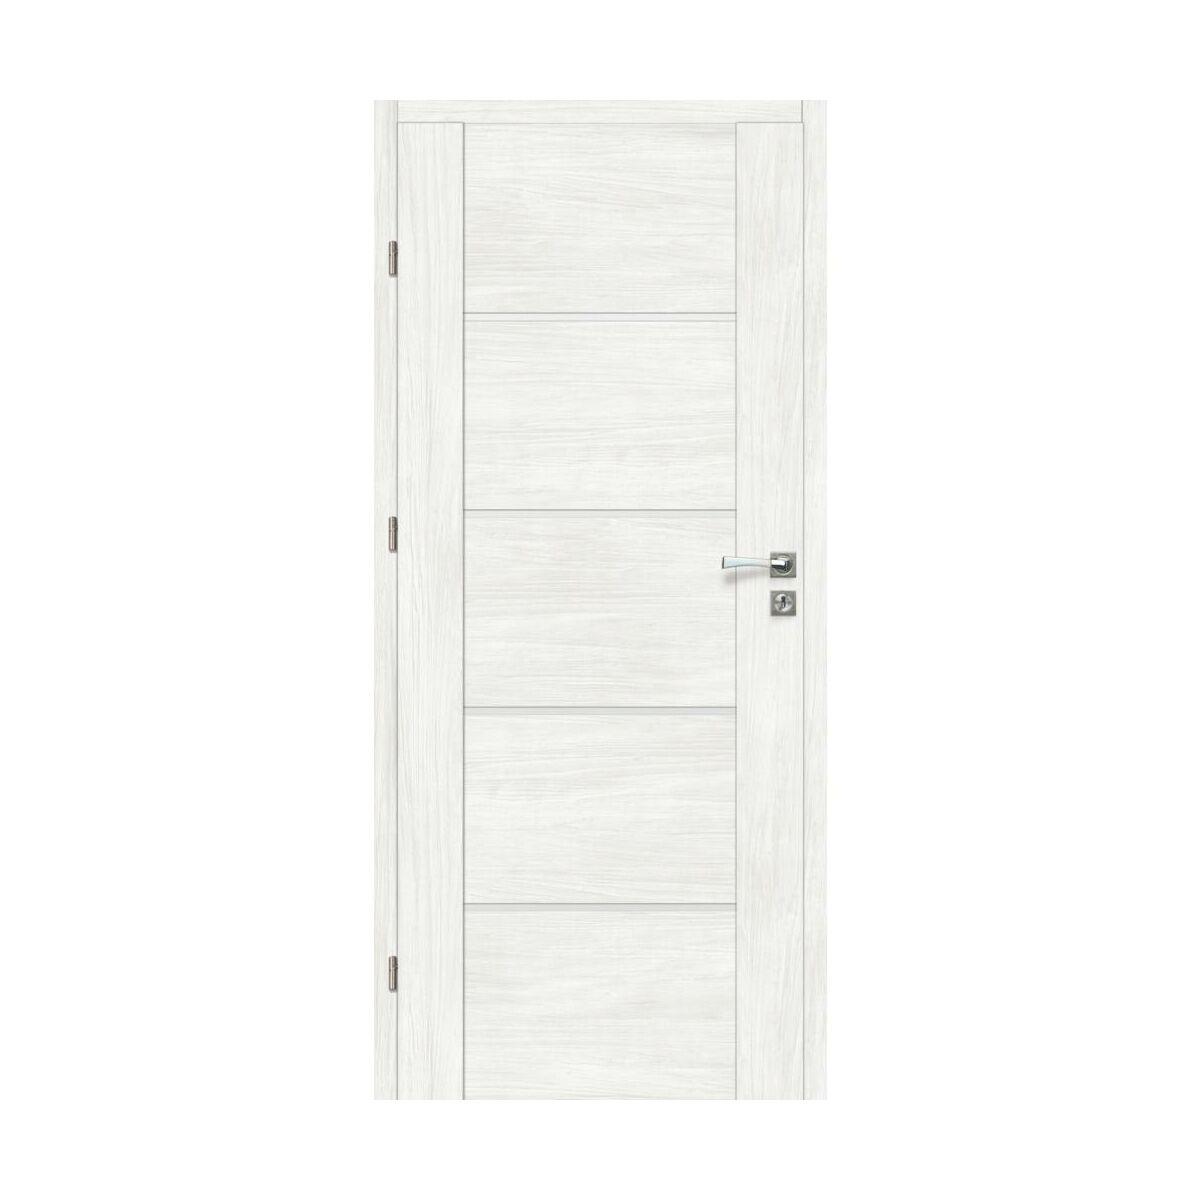 Skrzydlo Drzwiowe Pokojowe Malibu Bianco 80 Lewe Artens Drzwi Wewnetrzne W Atrakcyjnej Cenie W Sklepach Leroy Merlin